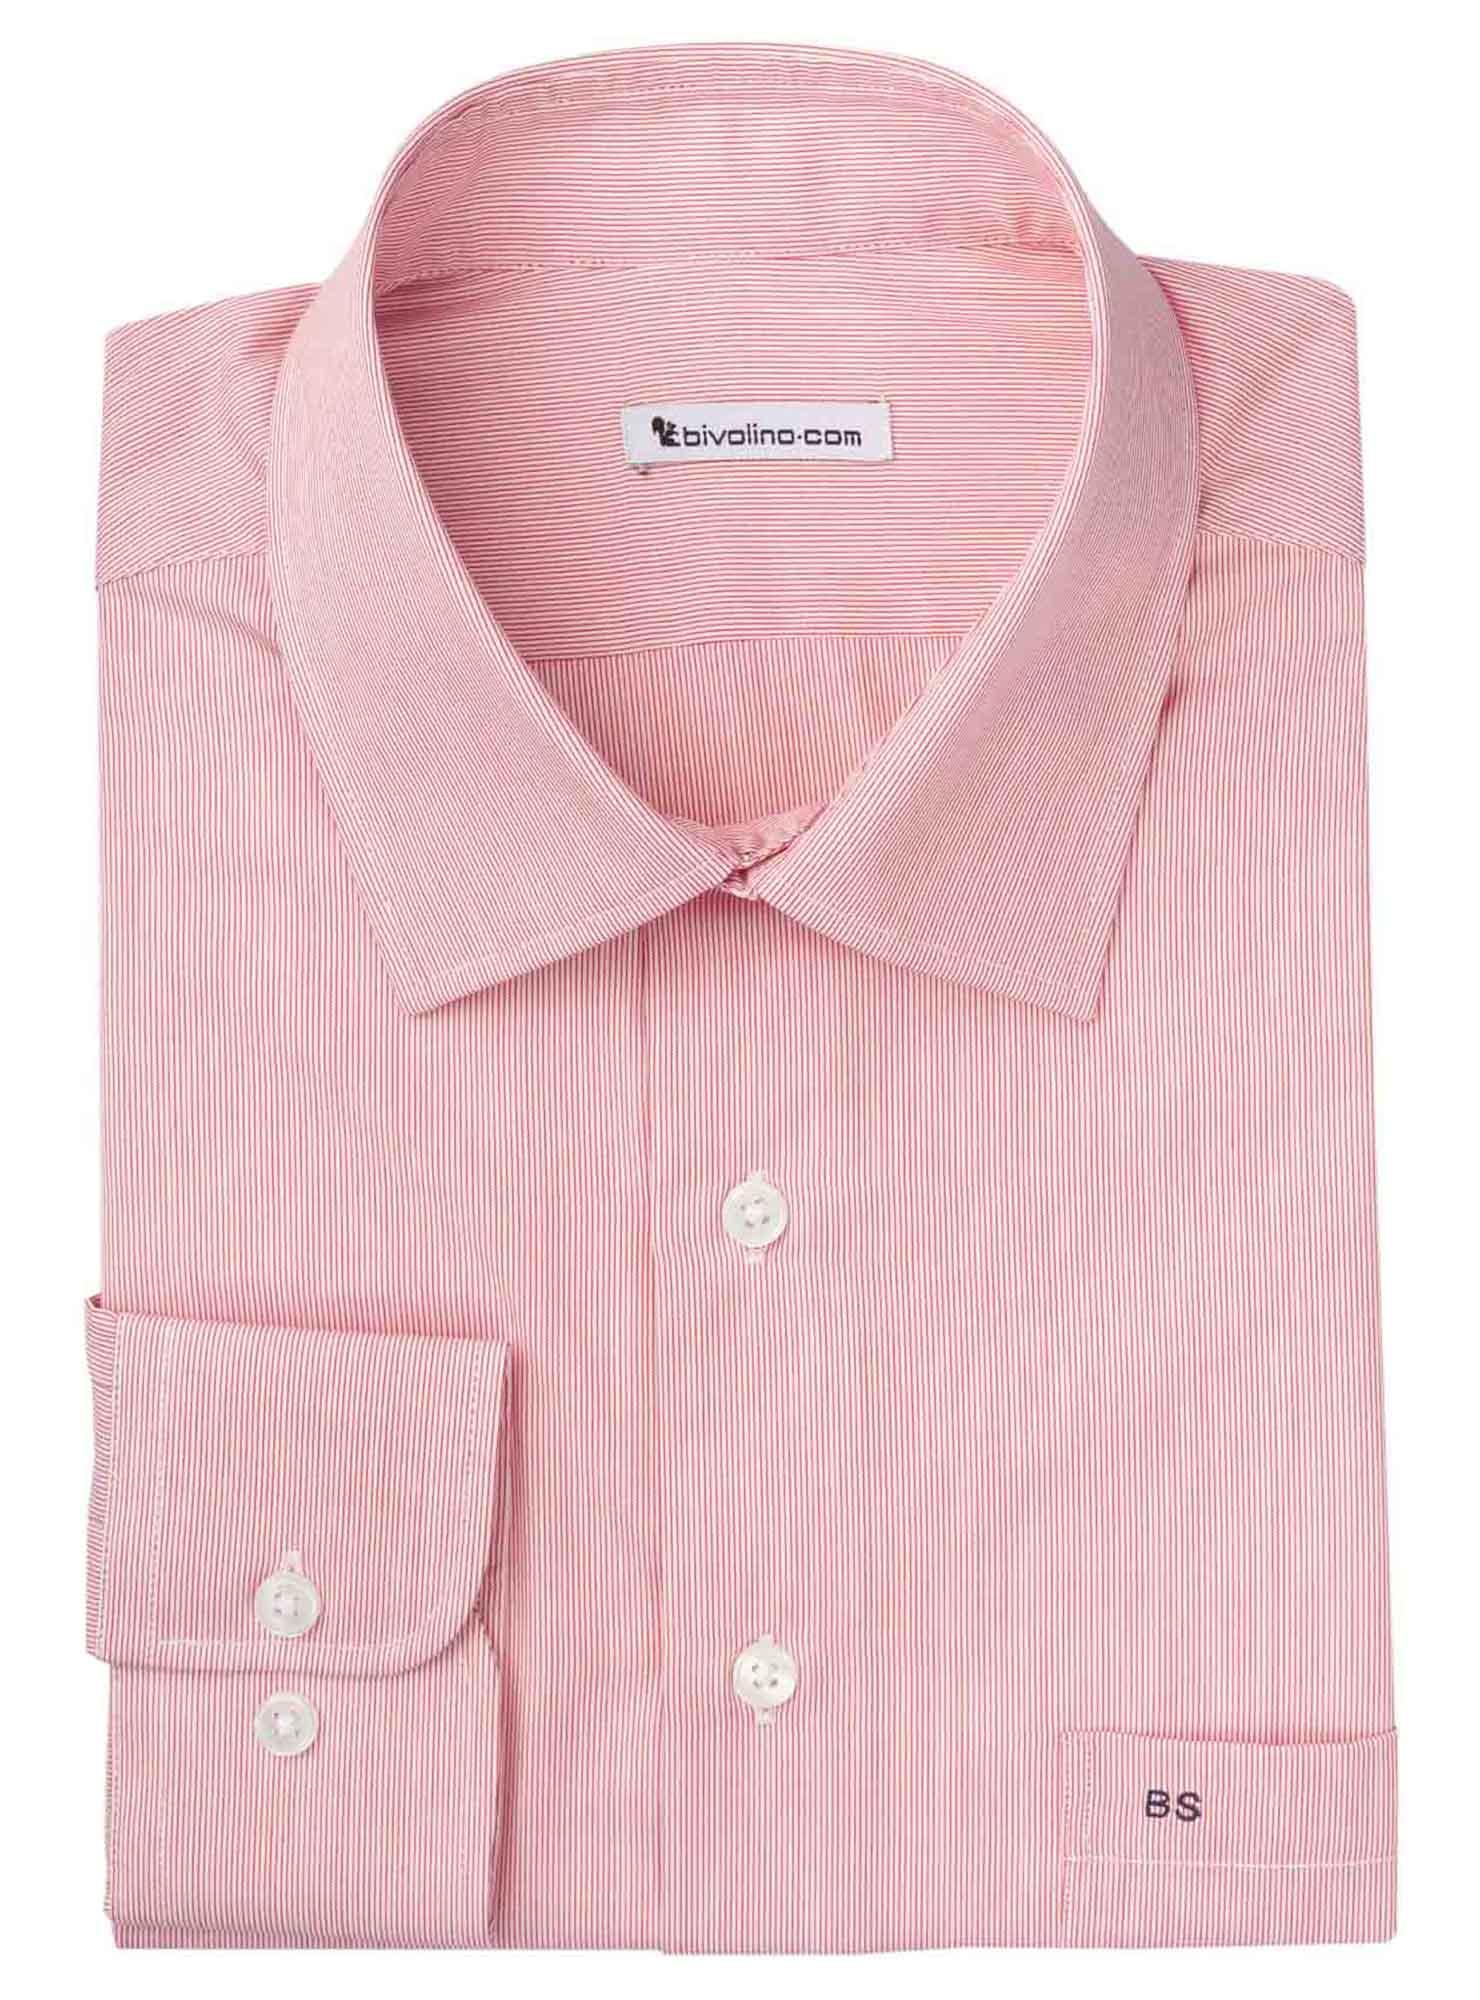 RANDUZZI - Männerhemd Baumwolle  rote Streifen - WINDY 4